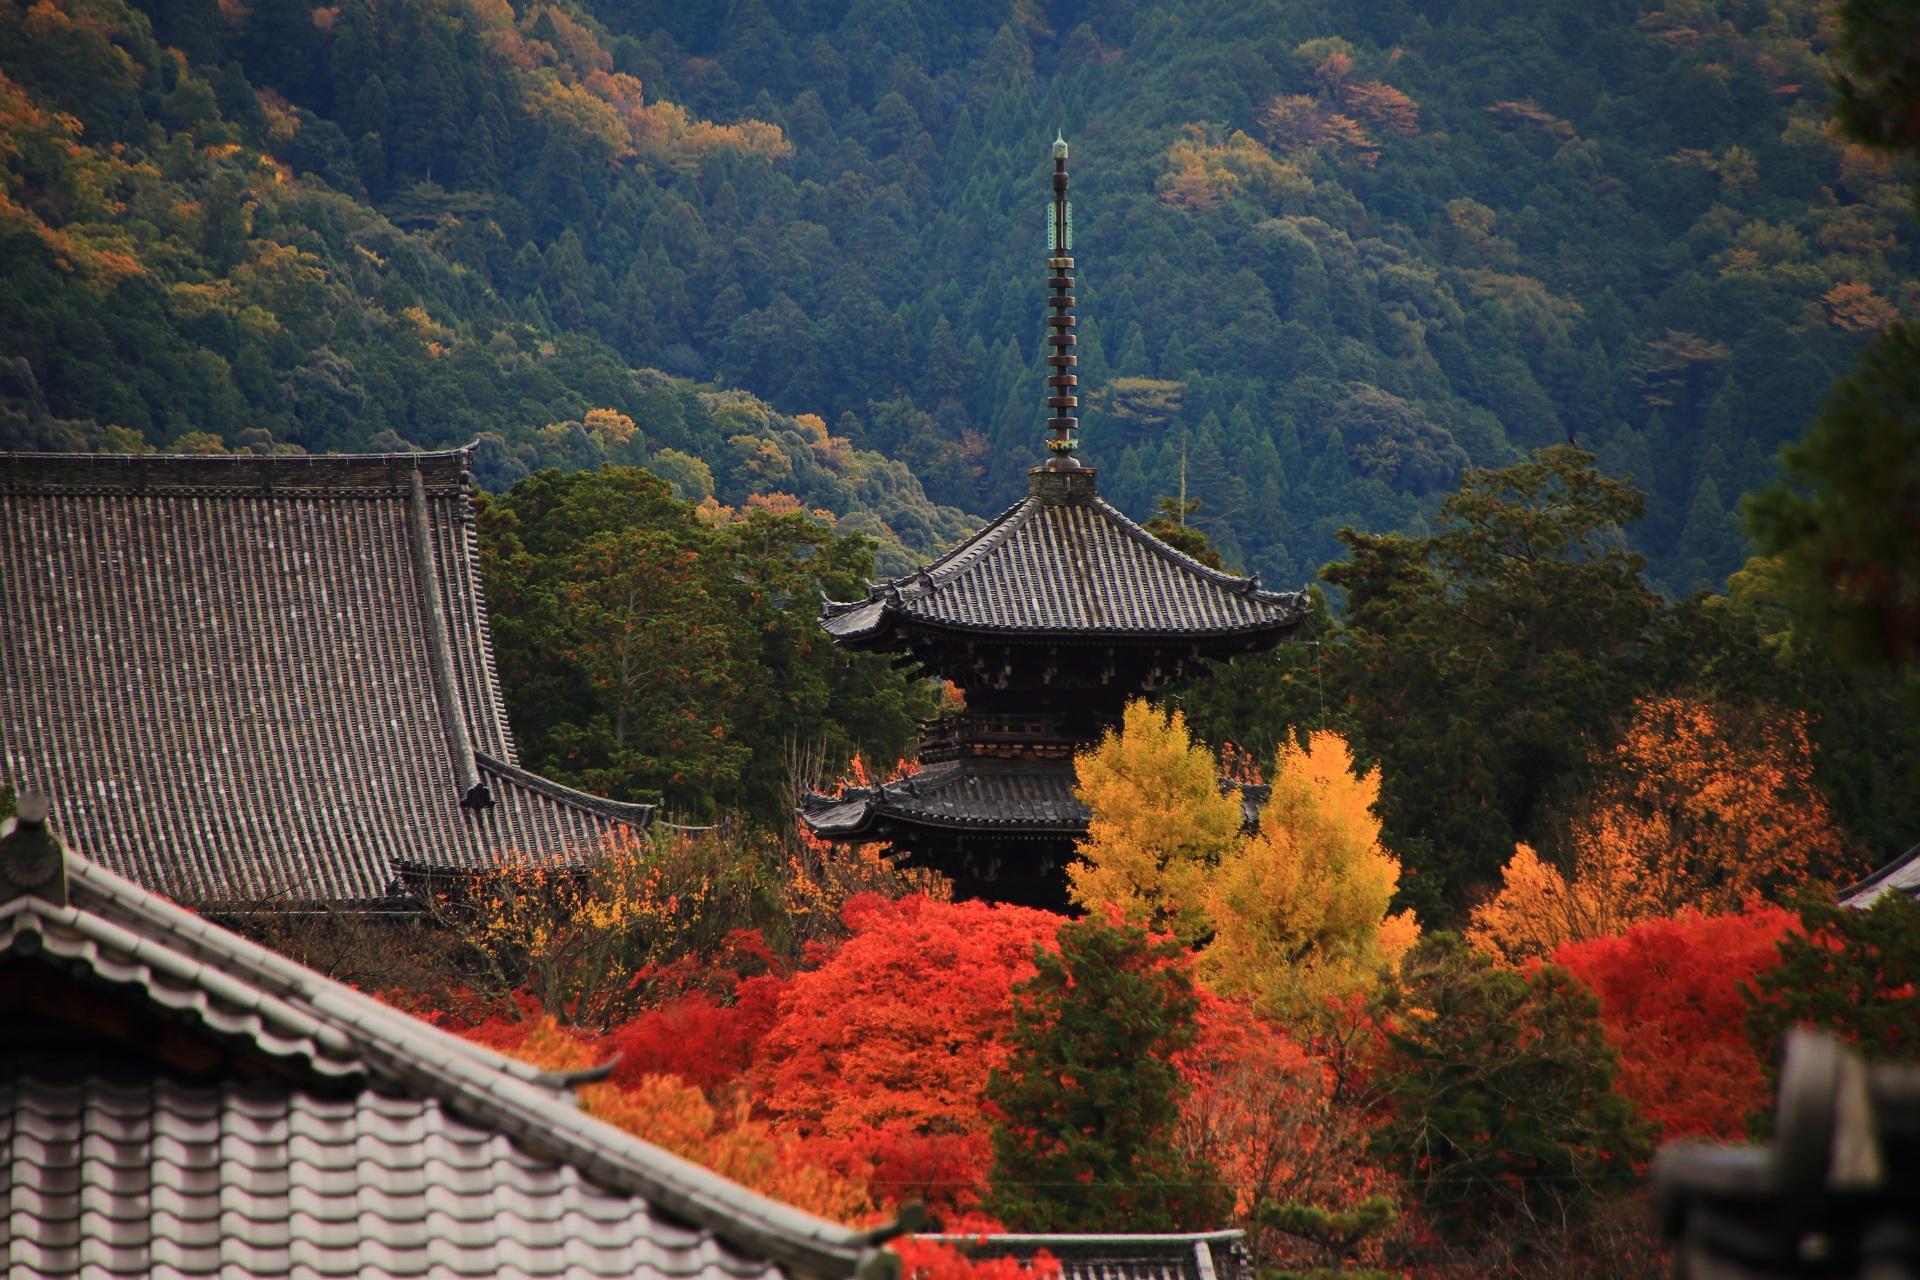 色とりどりの紅葉や銀杏につつまれた真如堂の三重塔